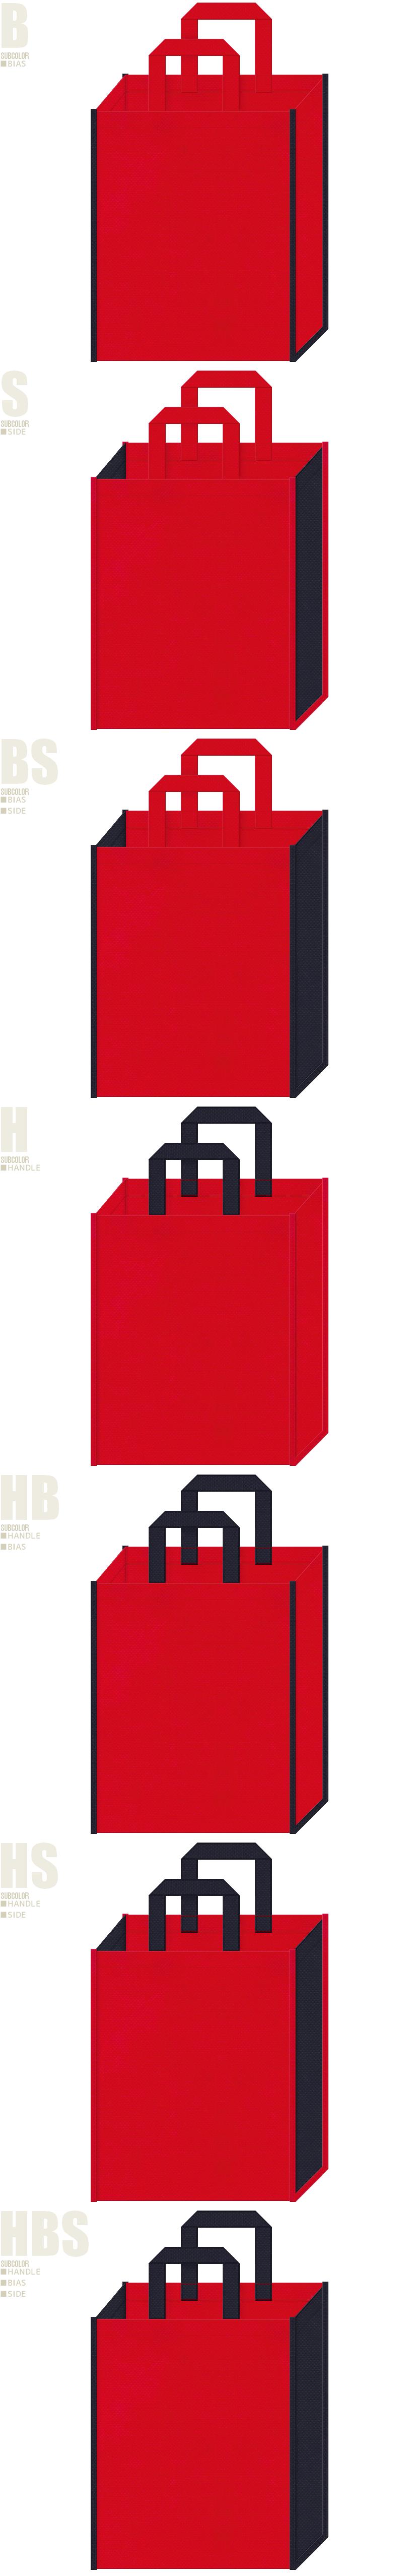 アリーナ・ユニフォーム・シューズ・アウトドア・スポーツイベント・国旗・イギリス・アメリカ・フランス・語学教室・レッスンバッグ・海外旅行・トラベルバッグにお奨めの不織布バッグデザイン:紅色と濃紺色の配色7パターン